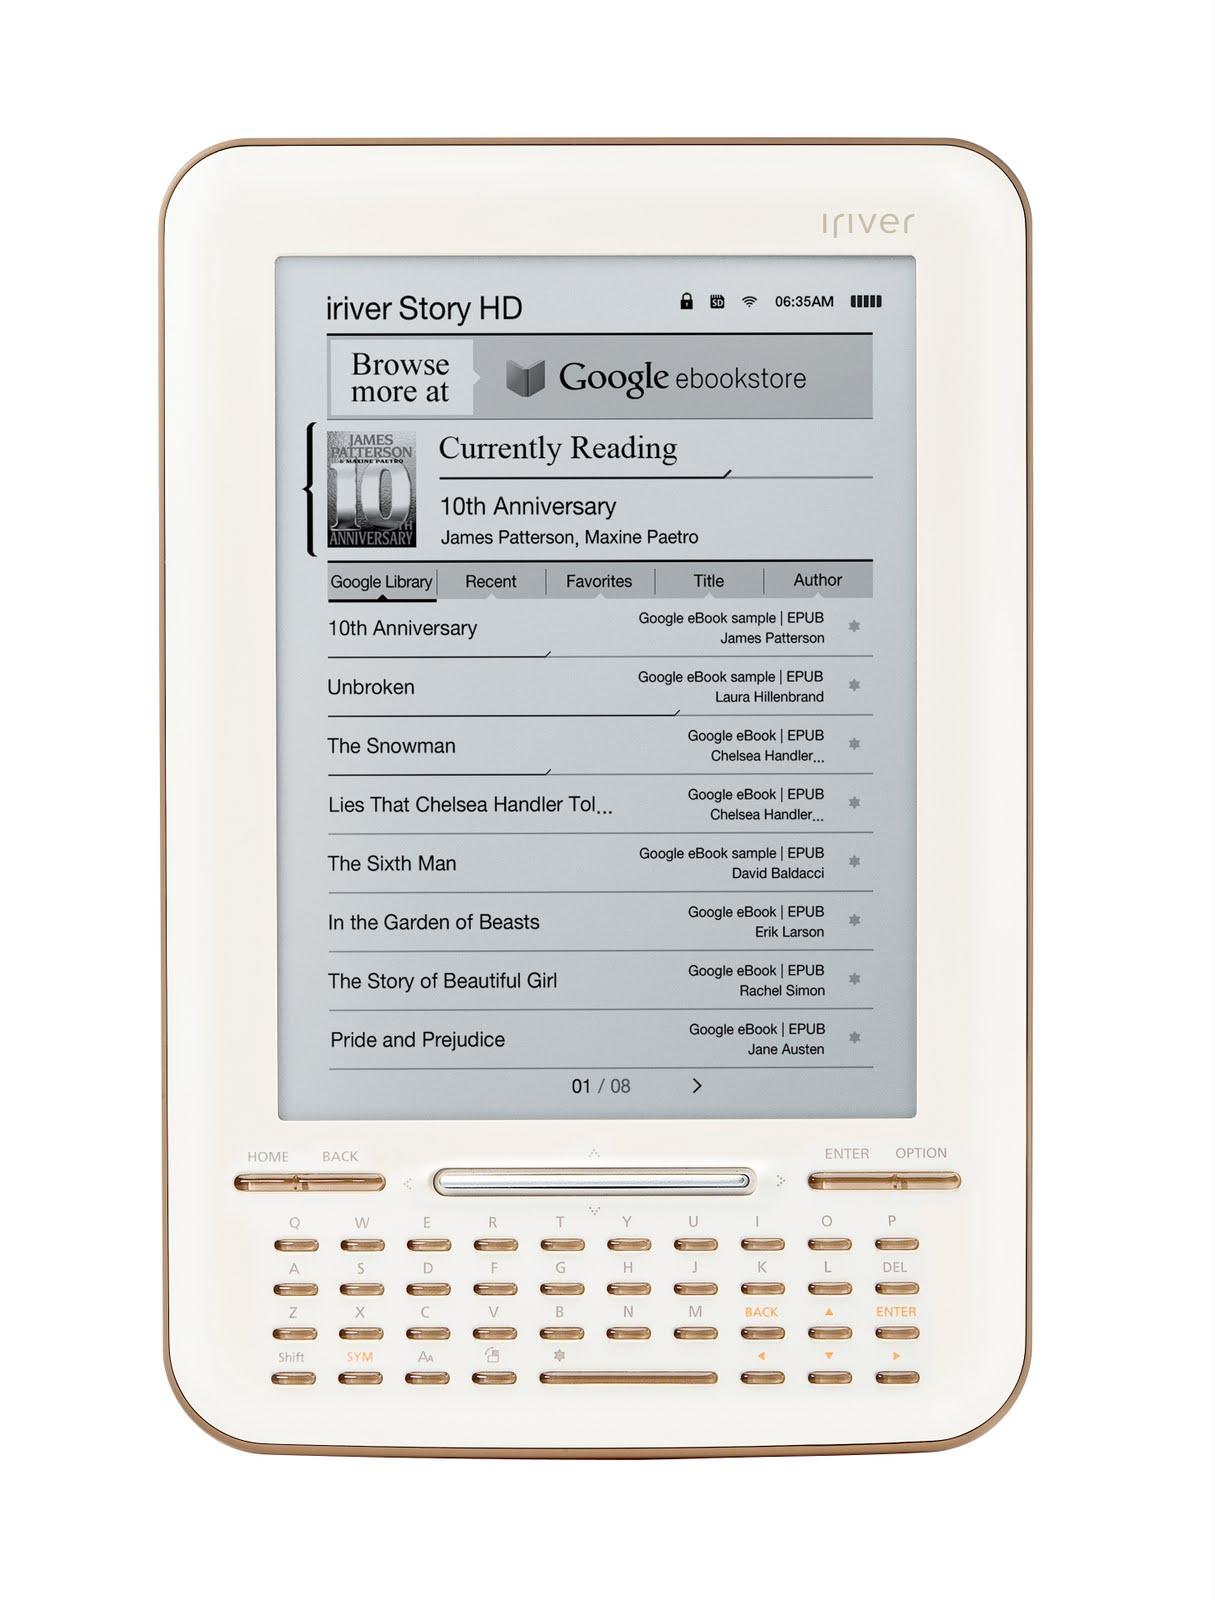 首款整合Google eBook電子書閱讀器問世,將PDF,那麼究竟電子書好不好用呢?使用起來的效果如何?究竟電子書是什麼?哪裡購買的到?這些問題我會一併整理在這一篇告訴你,與第一代Kindle相似|數位時代